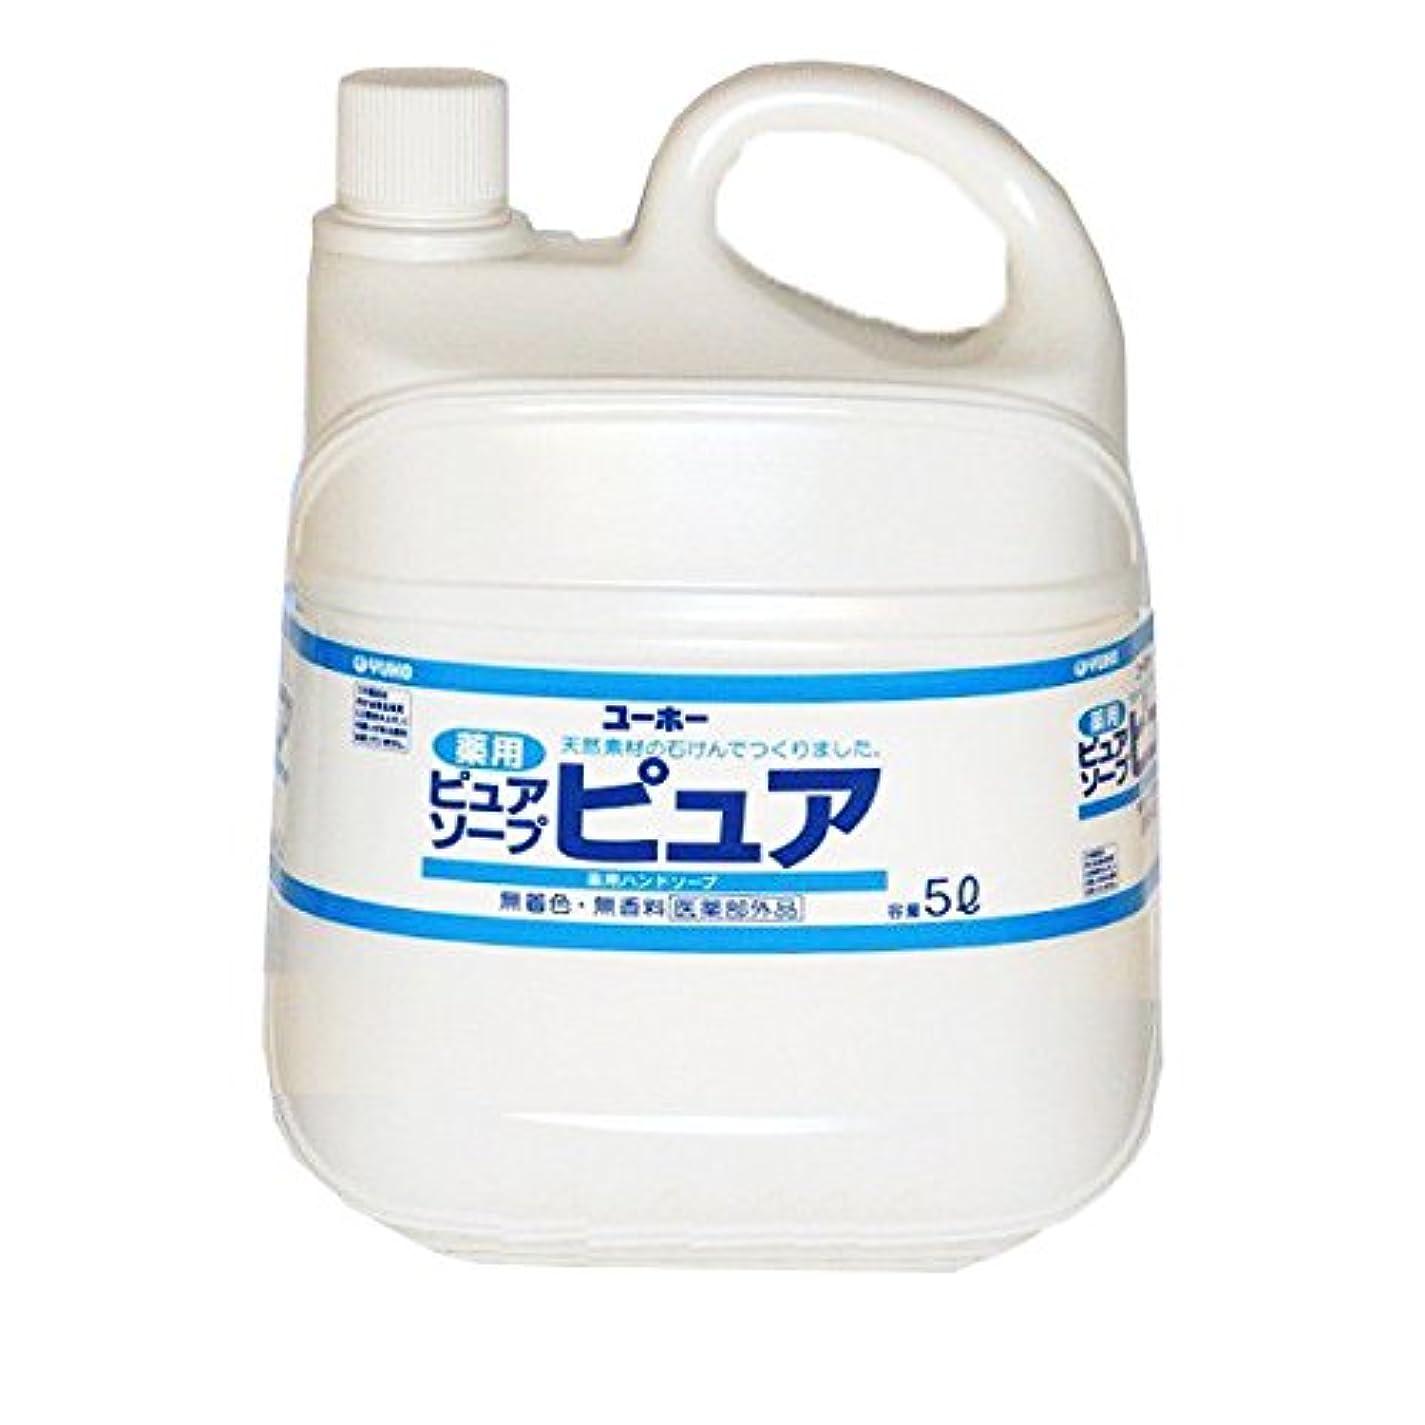 ユーホー薬用ピュアソープピュア 5L /0-6147-02